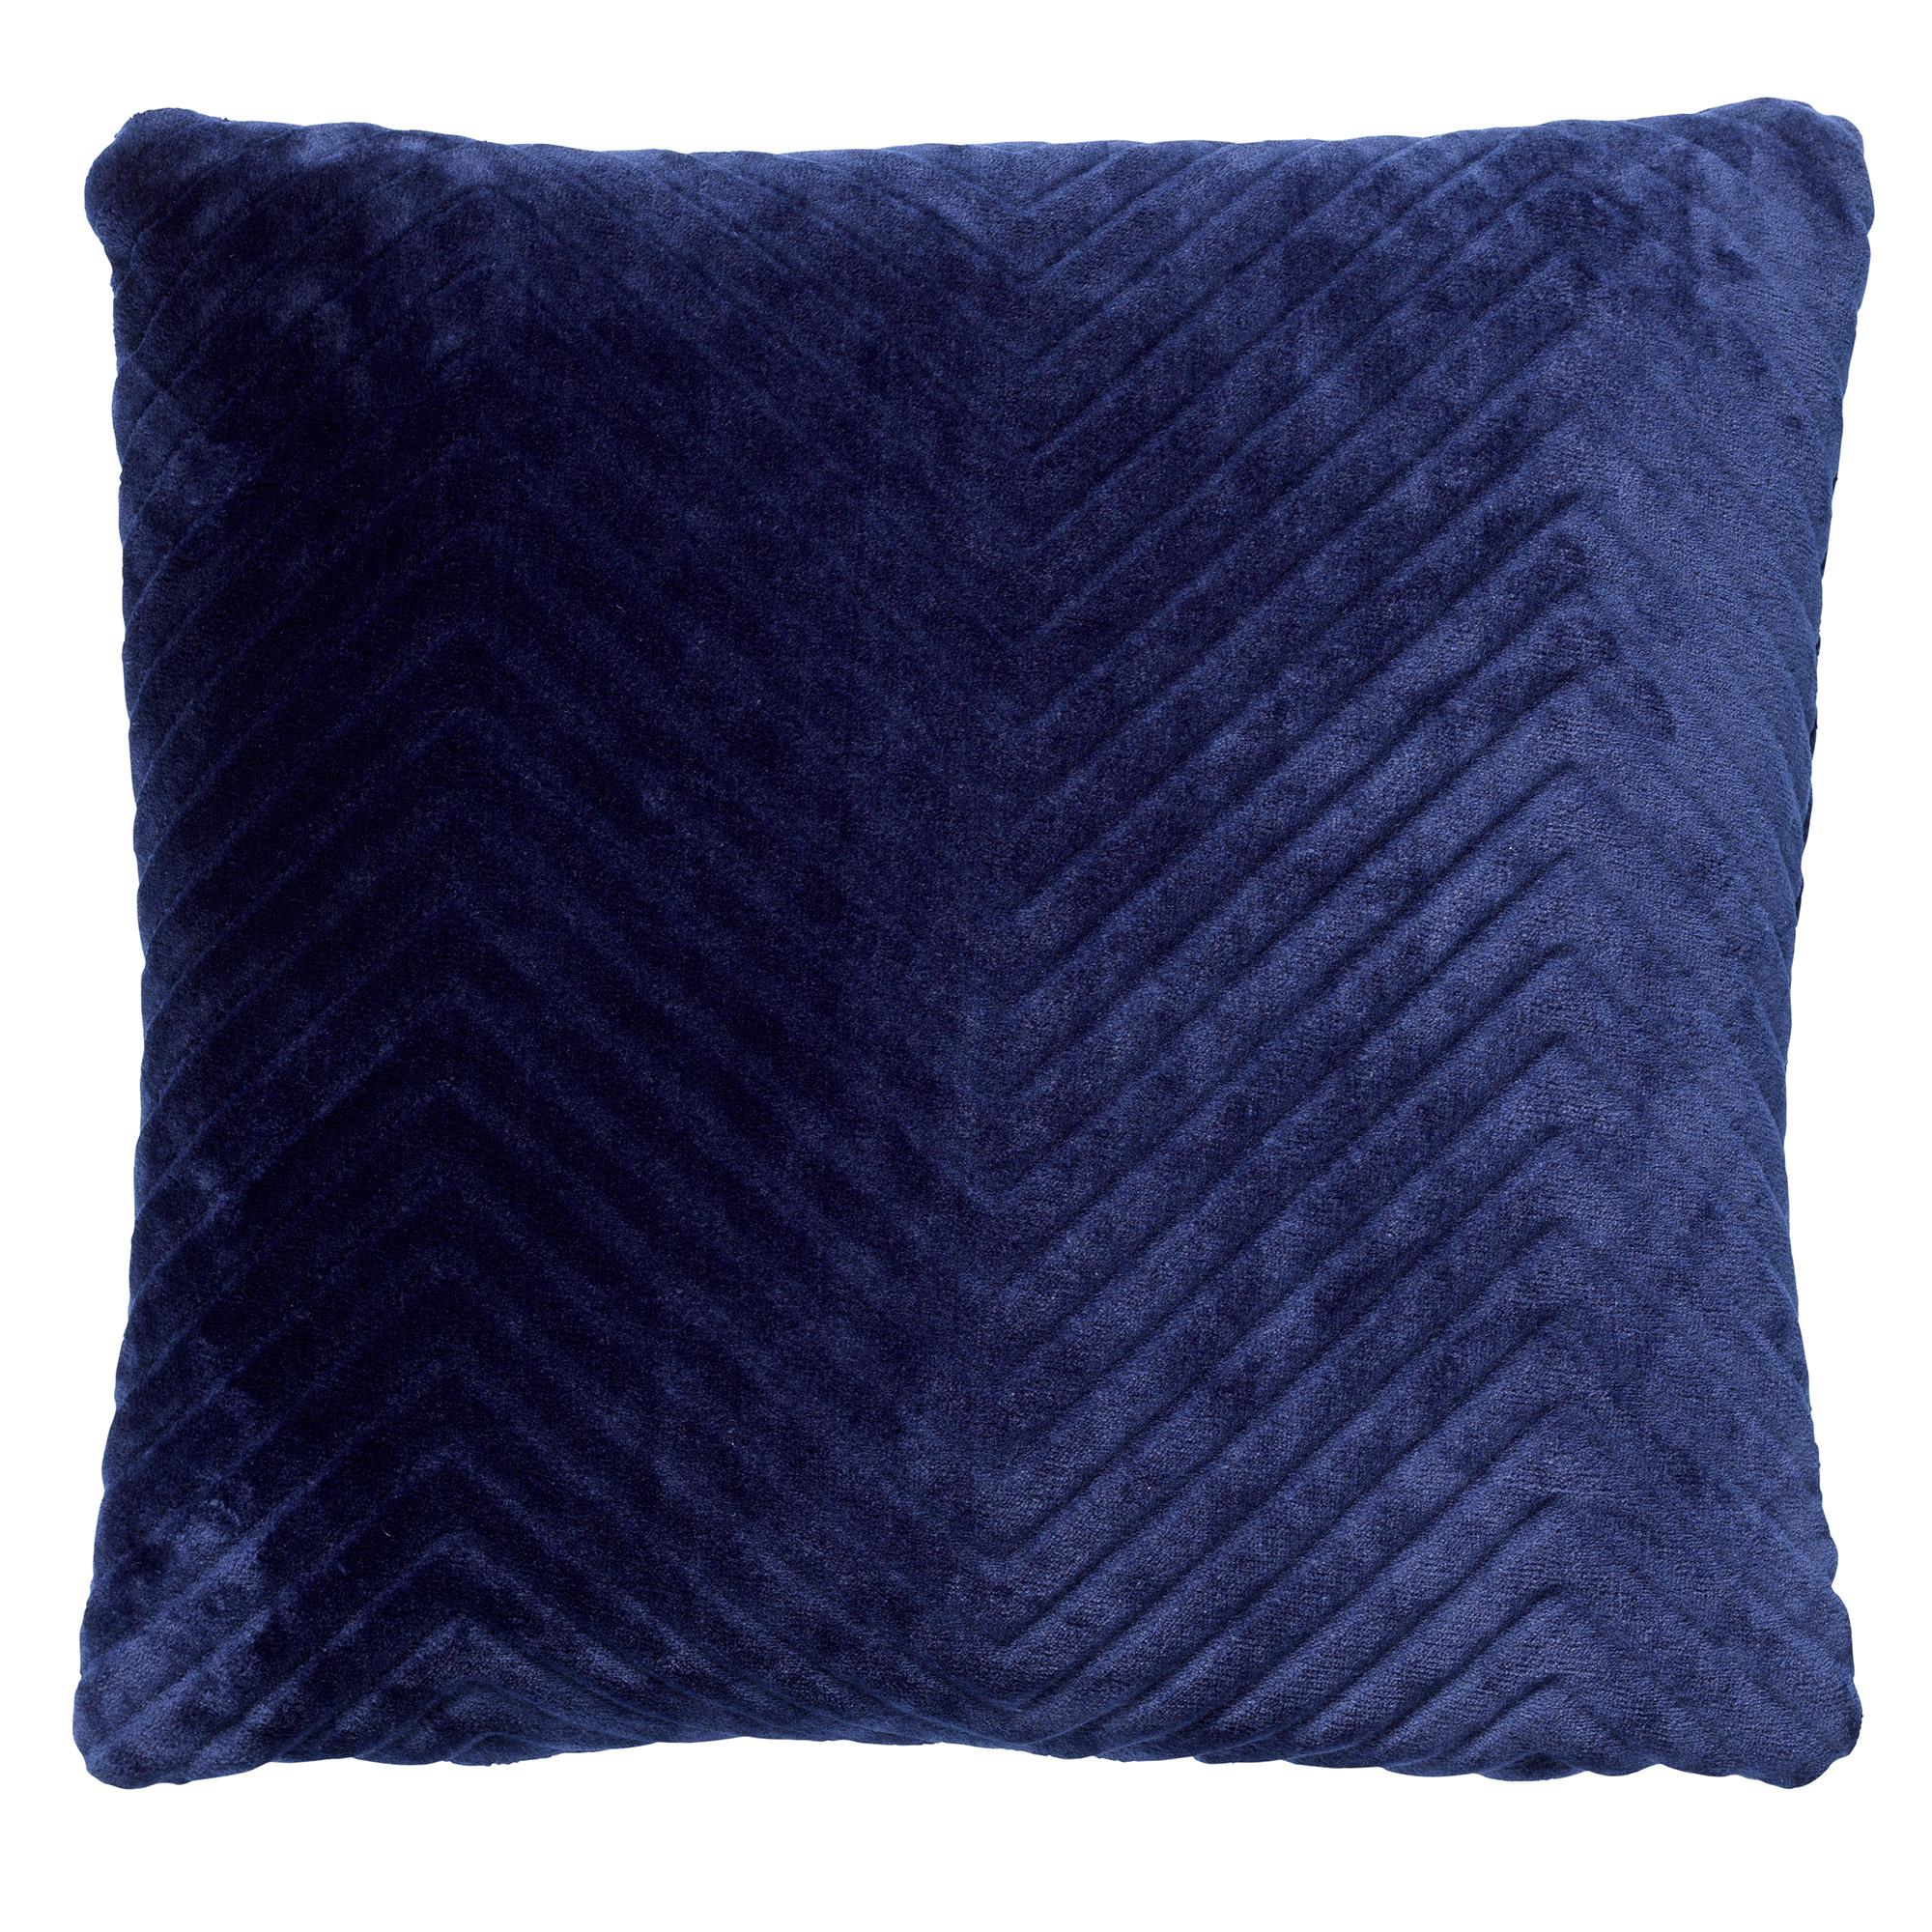 ZICO - Kussenhoes met patroon 45x45 cm Insignia Blue